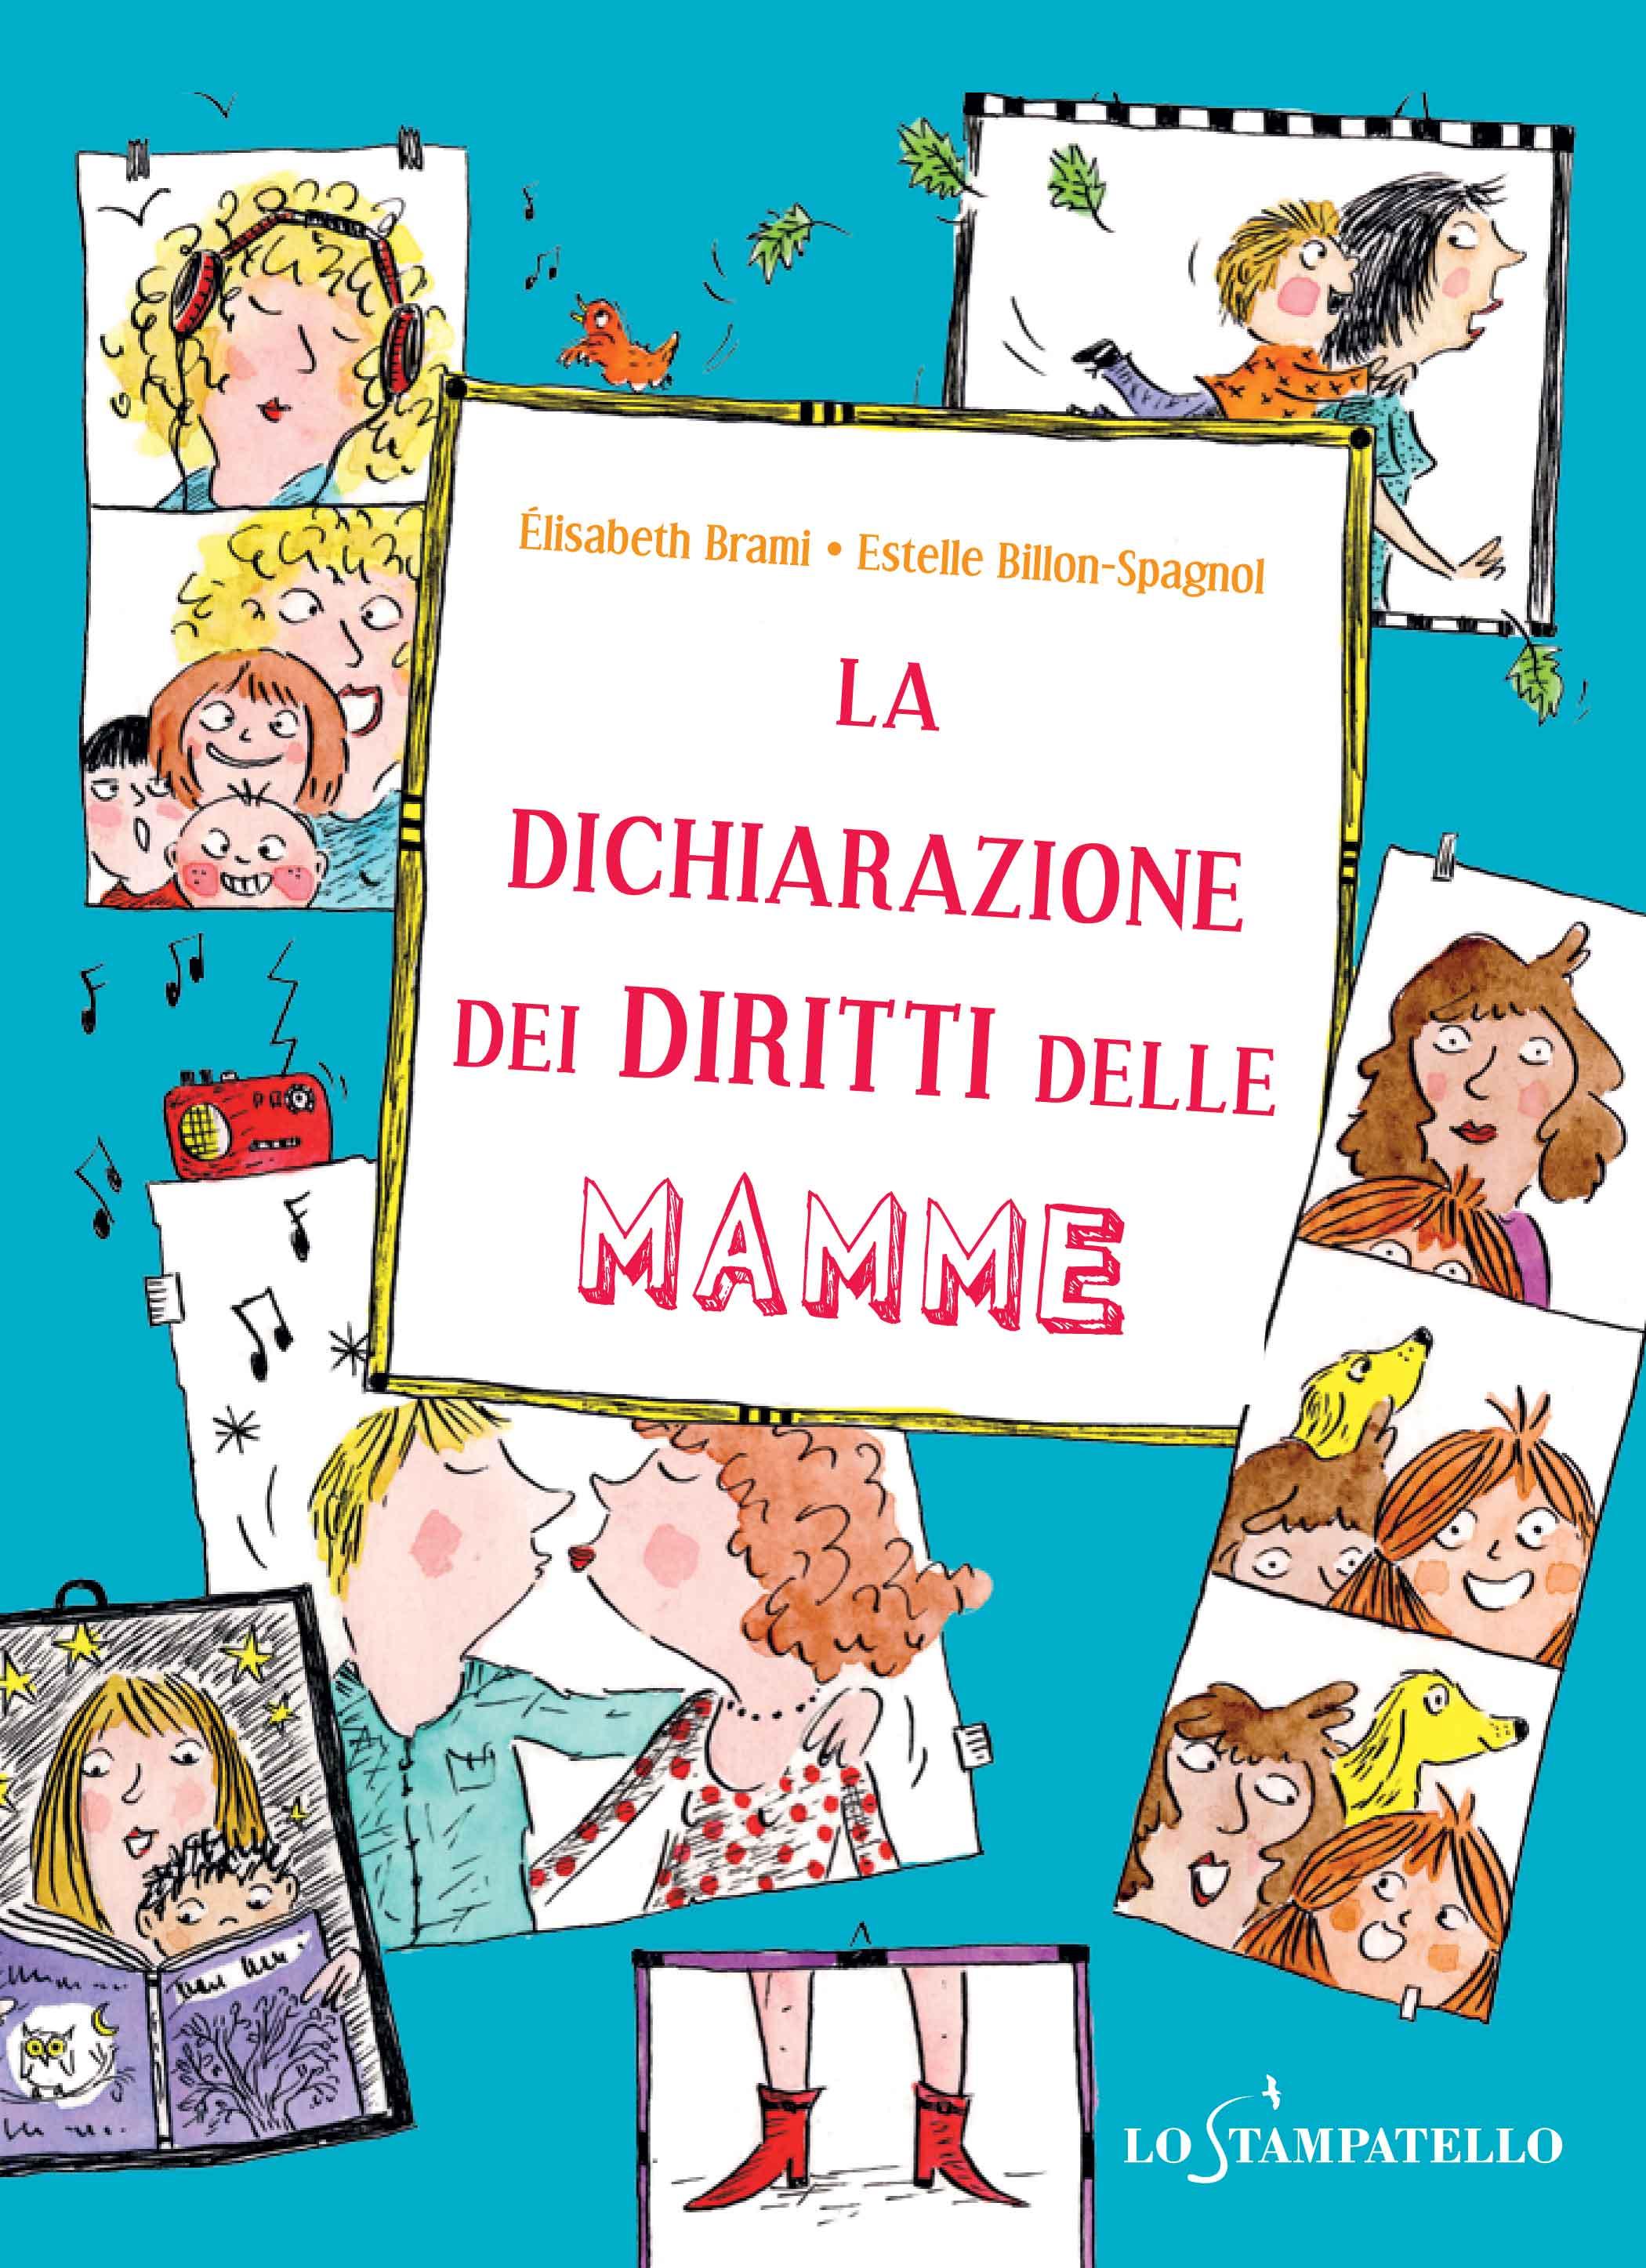 LA DICHIARAZIONE DEI DIRITTI DELLE MAMME di Elisabeth Brami, illustrazioni di Estelle Billon-Spagnol